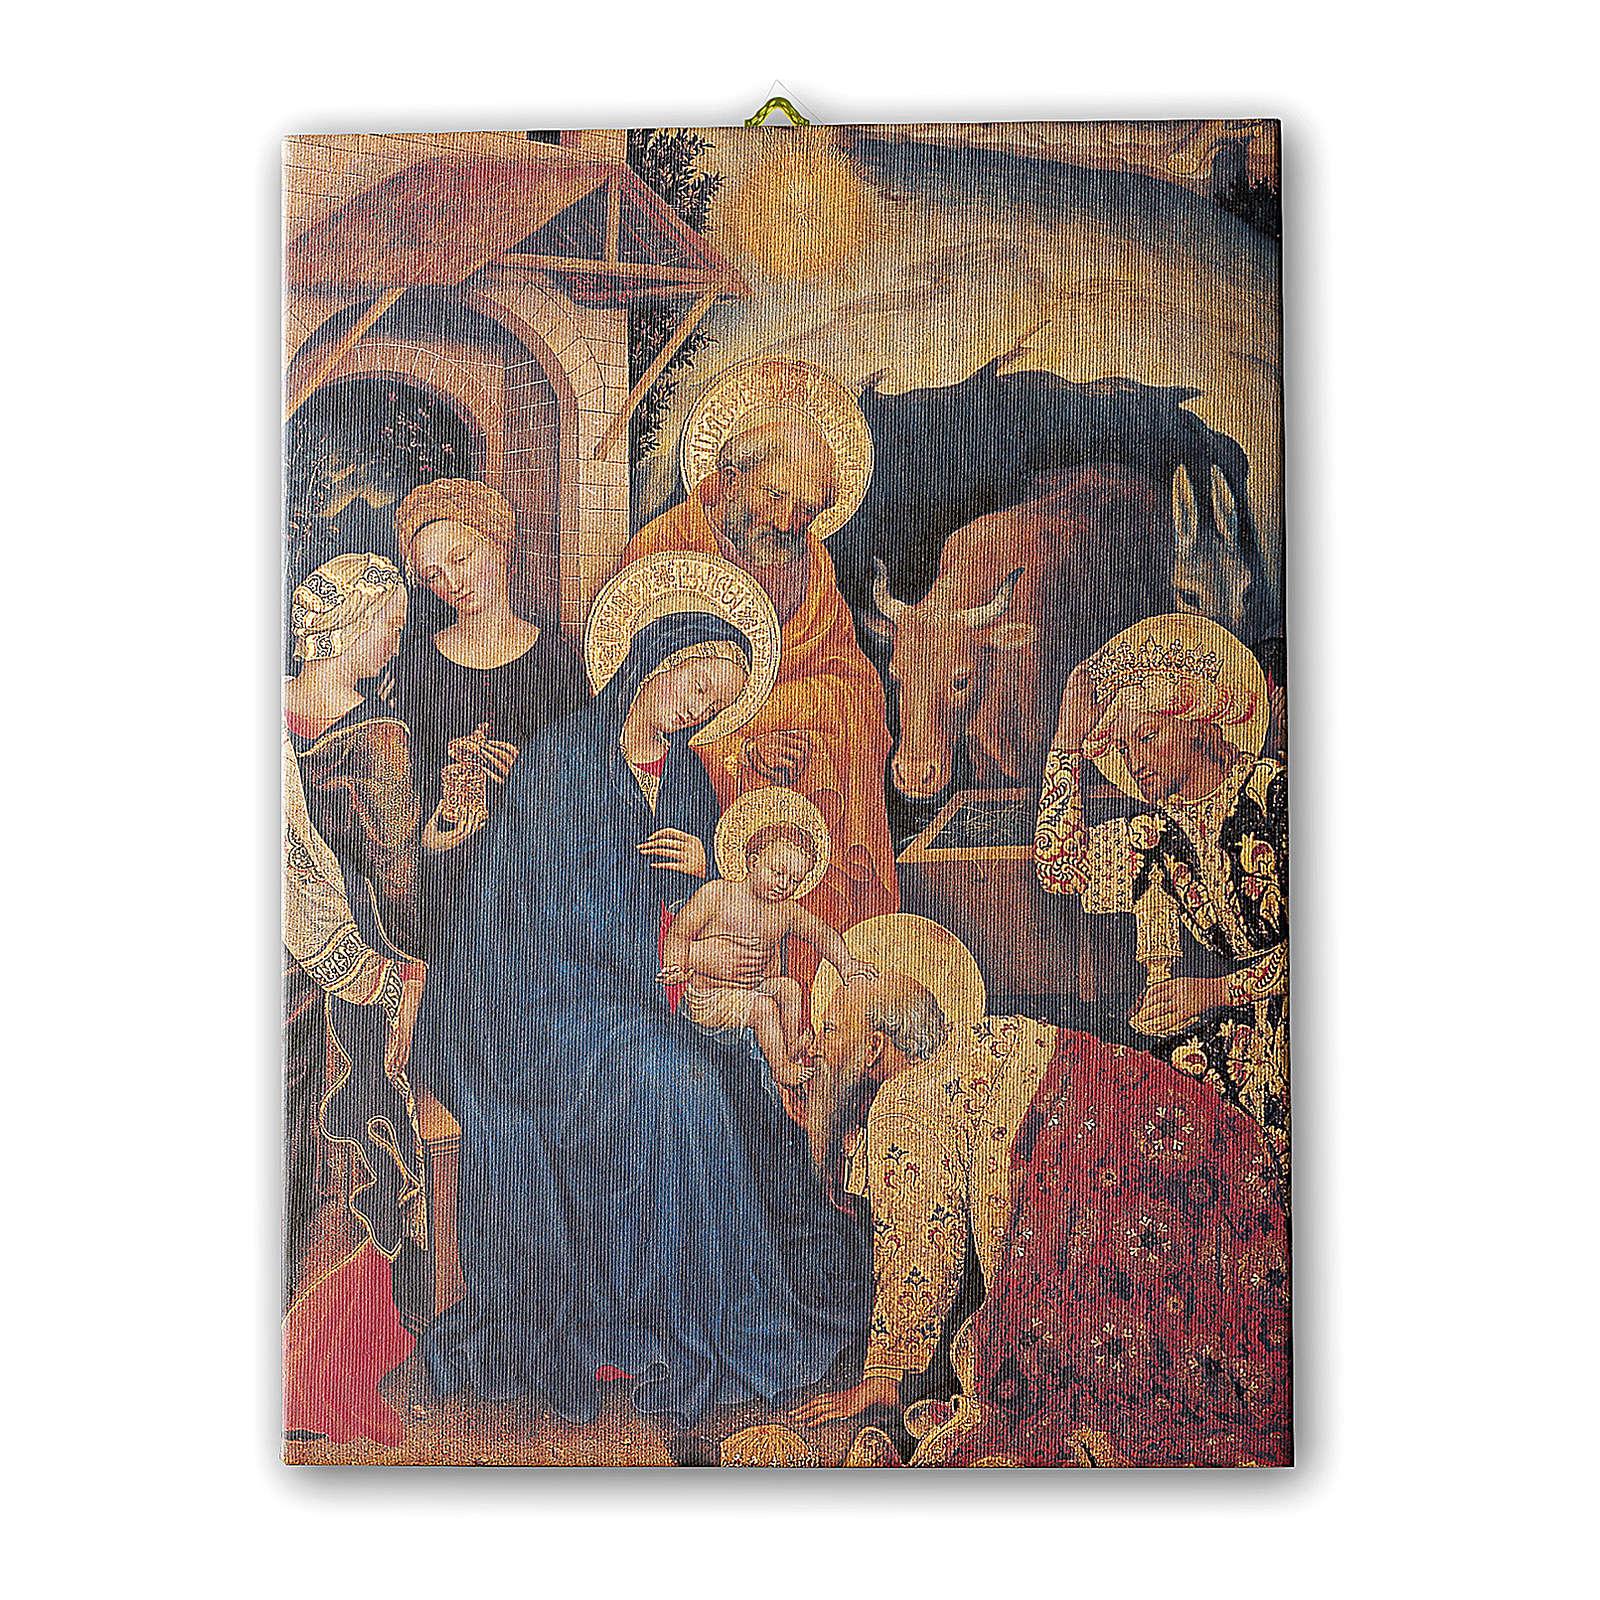 Quadro su tela pittorica Adorazione Magi di Gentile Fabriano 70x50 cm 3